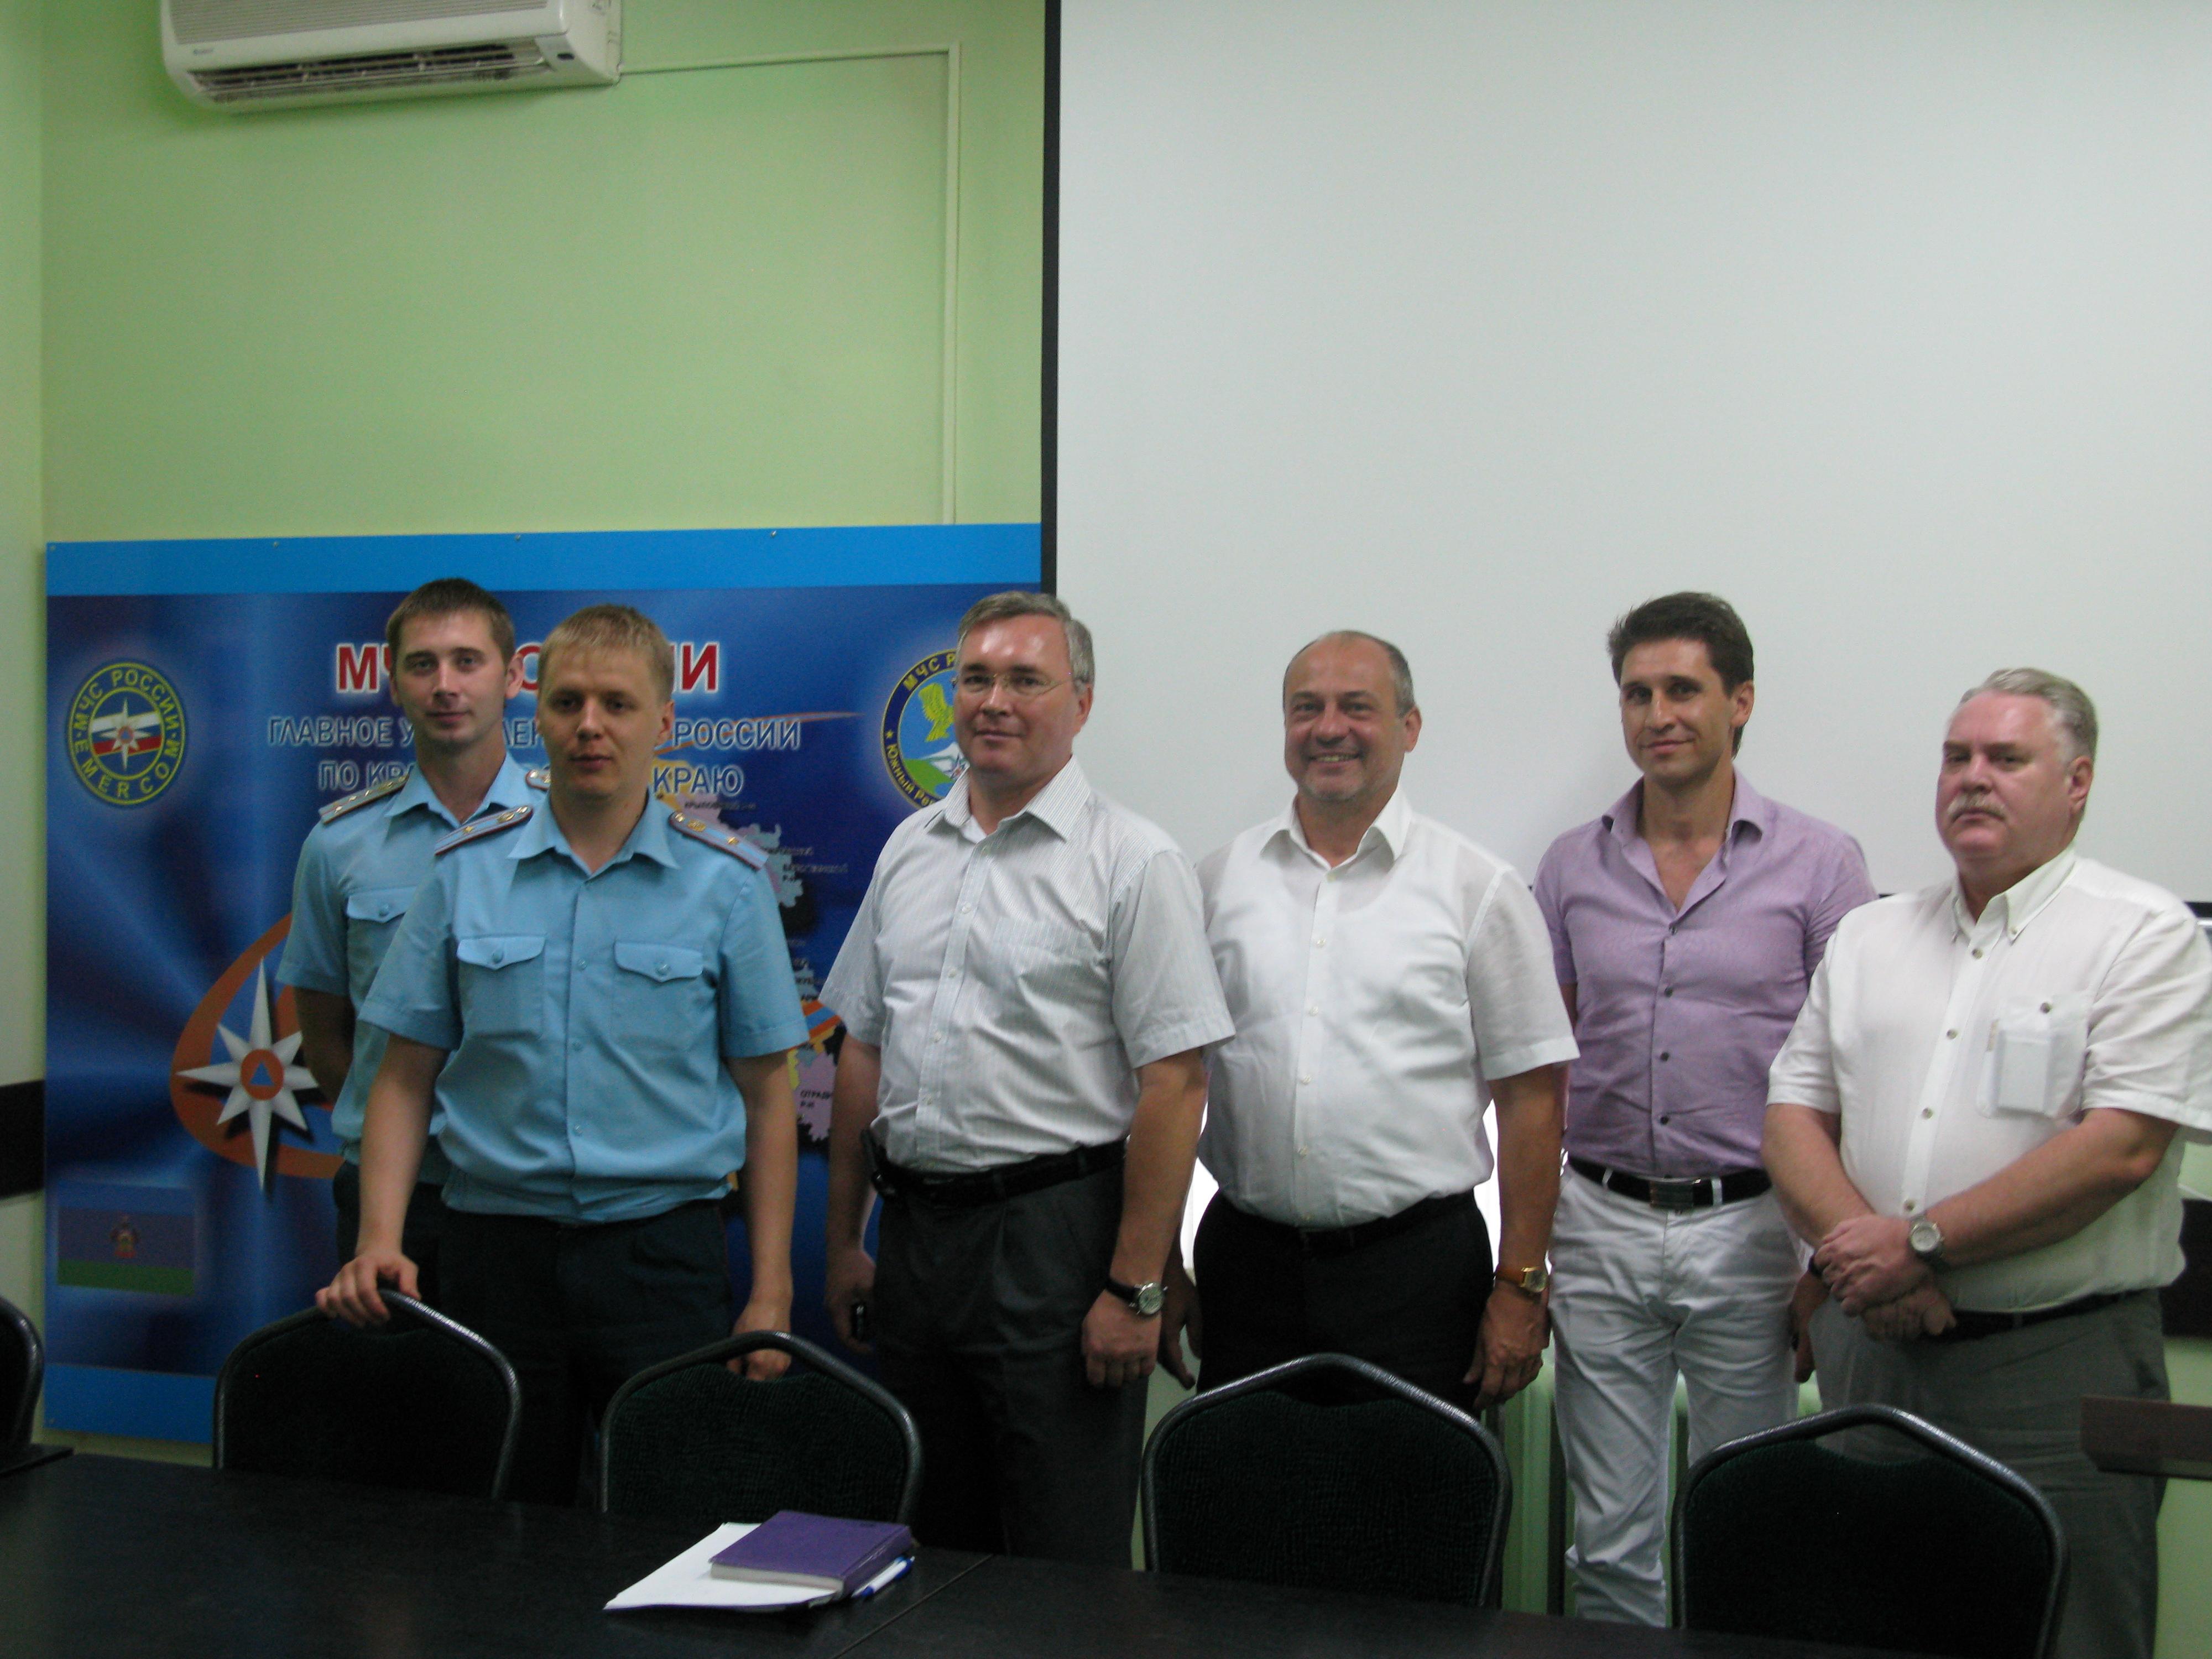 В управлении надзорной деятельности обсудили вопросы развития  аудита пожарной безопасности